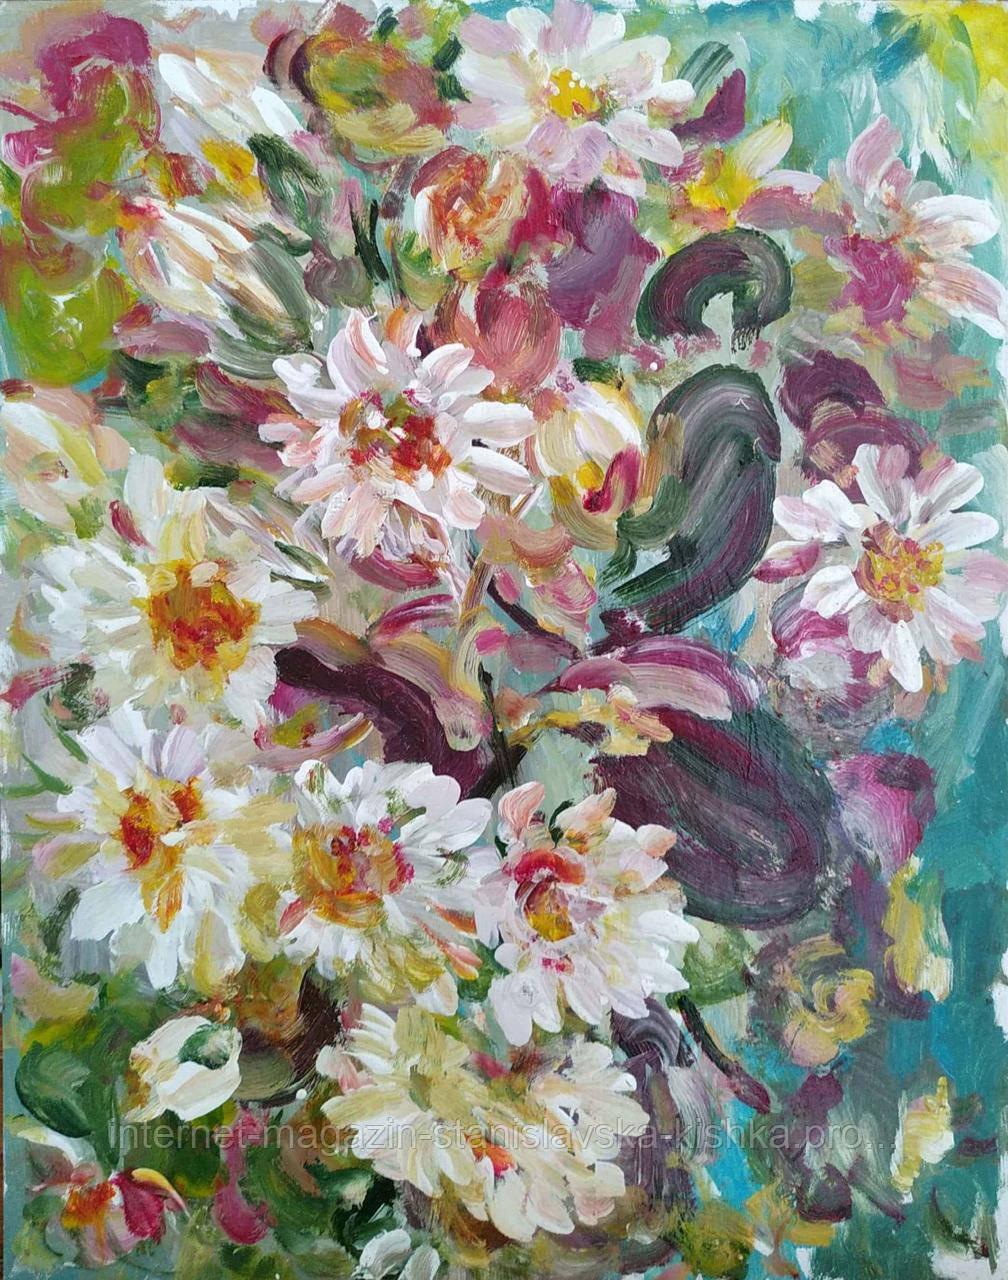 Картина ЛАТАТТЯ натюрморт картон, олія 41 * 33